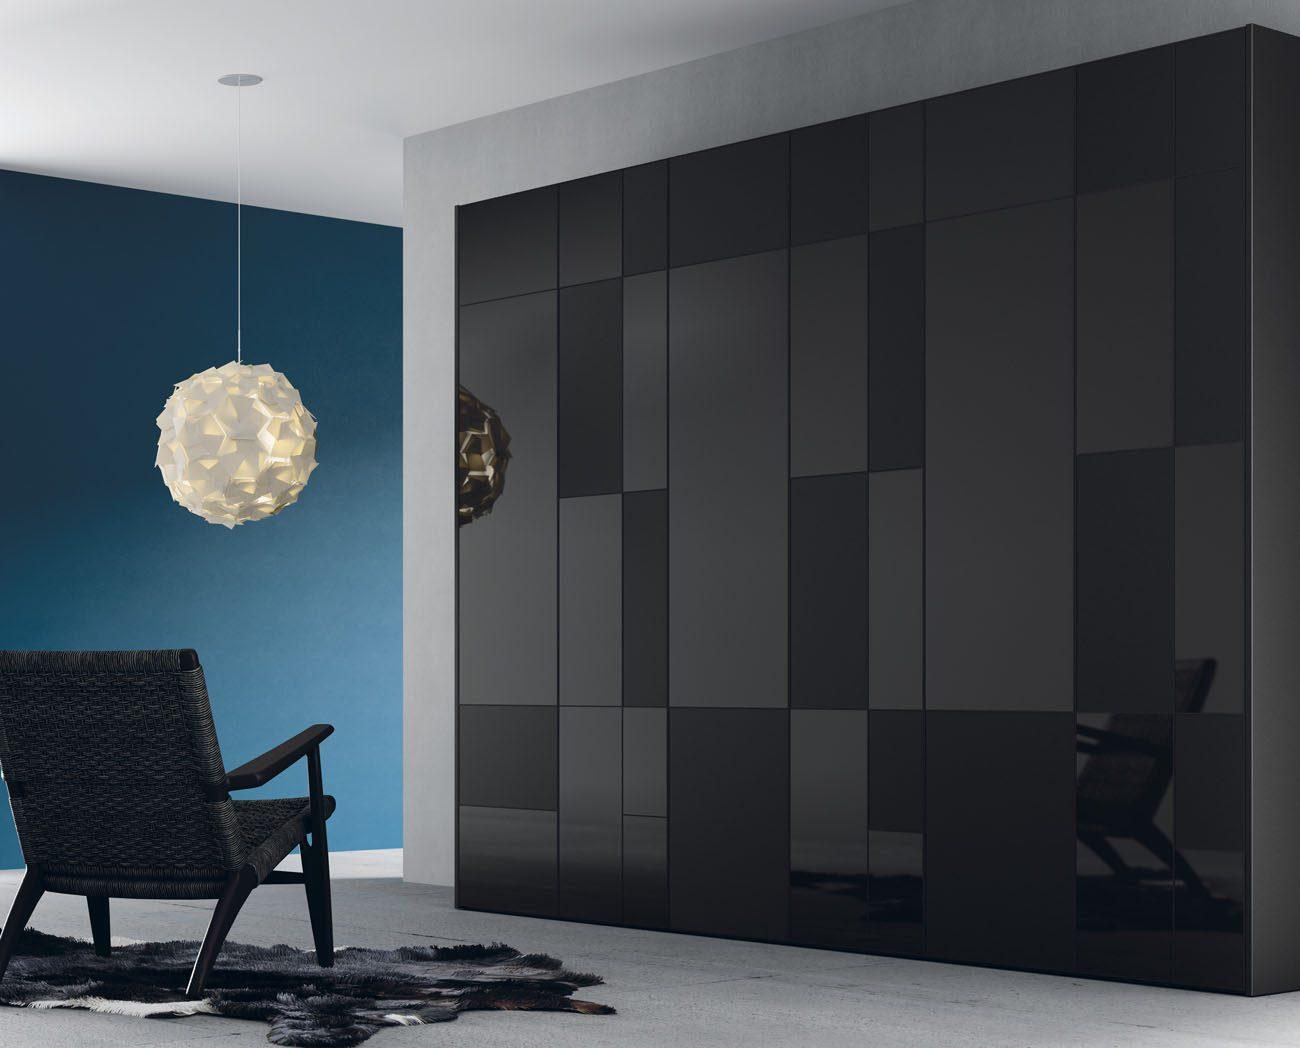 muebles-armarios-puertas-batientes-combinacion-acabados-negros